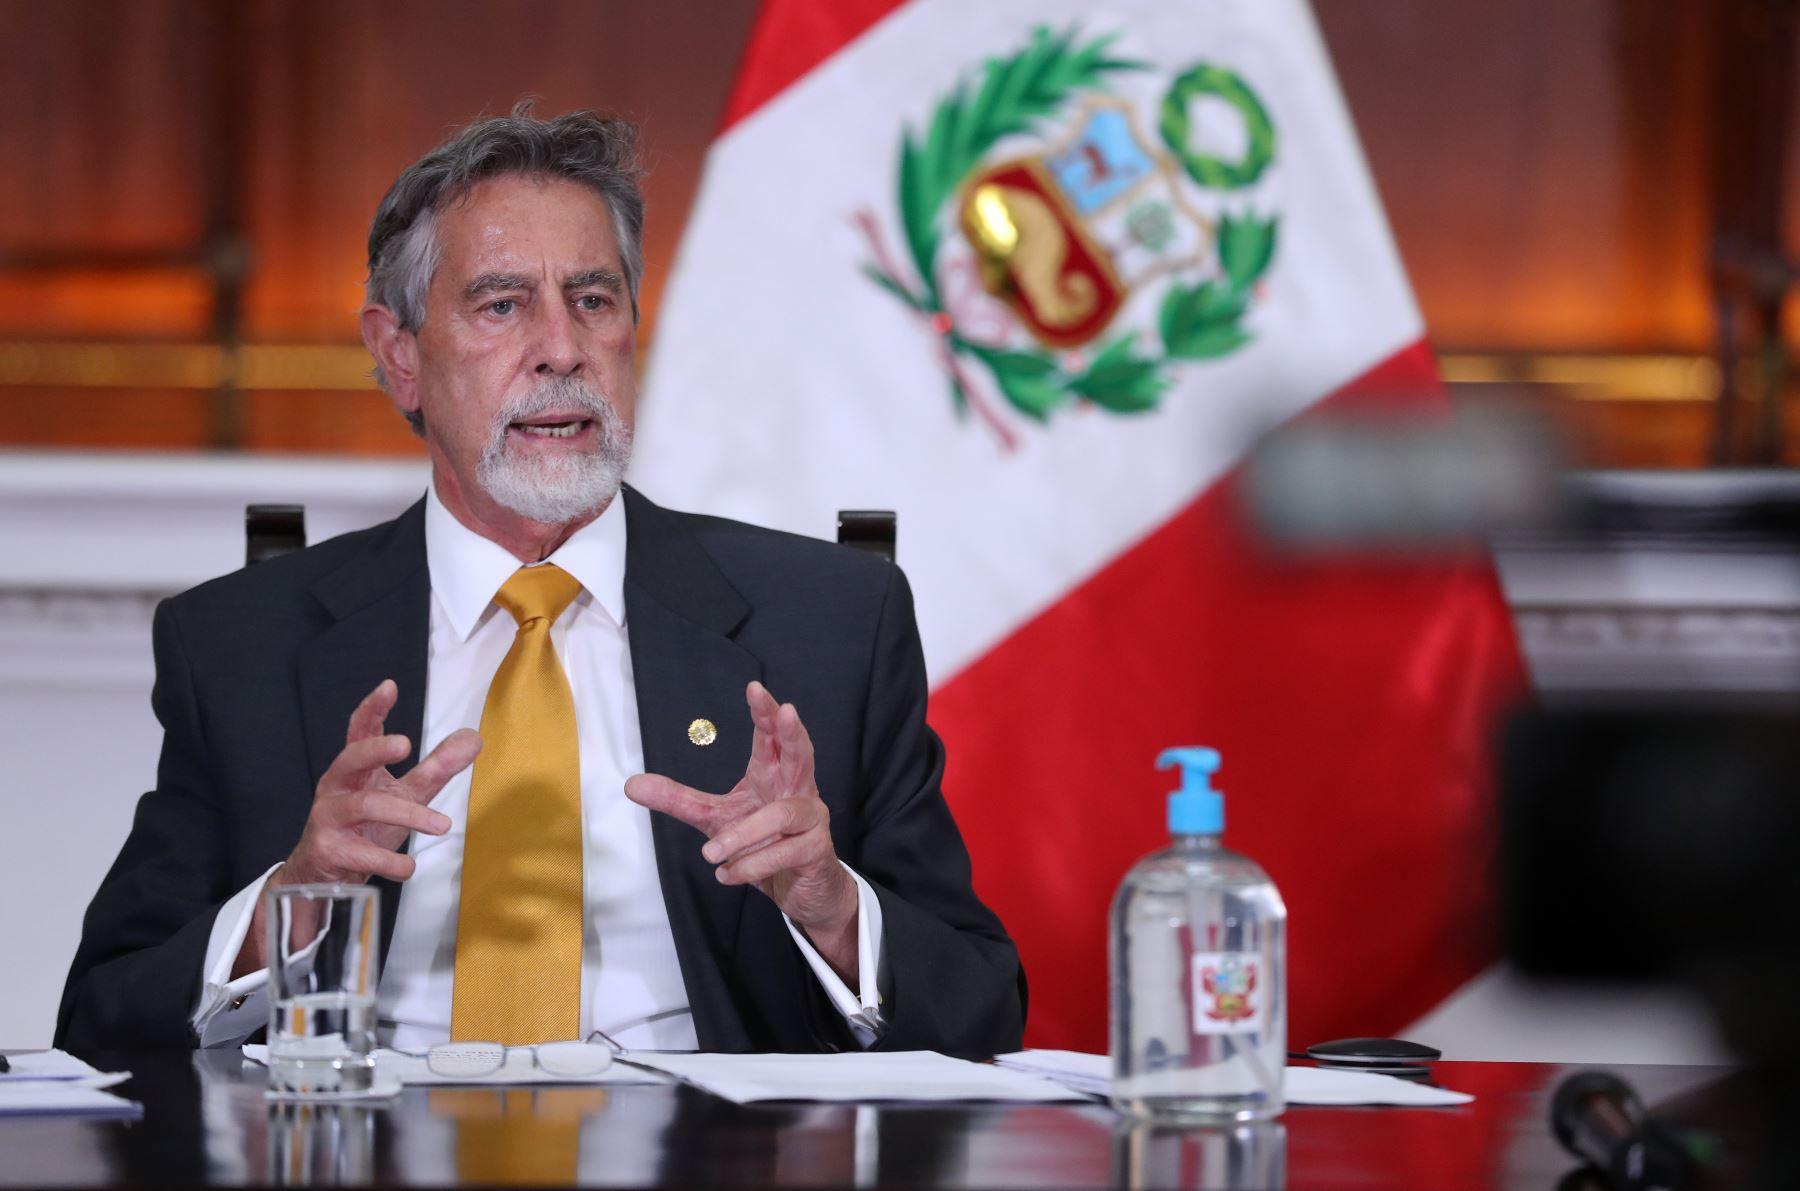 El presidente Francisco Sagasti, participó esta tarde de manera virtual, en la XXVII Cumbre Iberoamericana de Jefes de Estado y de Gobierno. Foto: ANDINA/ Prensa Presidencia